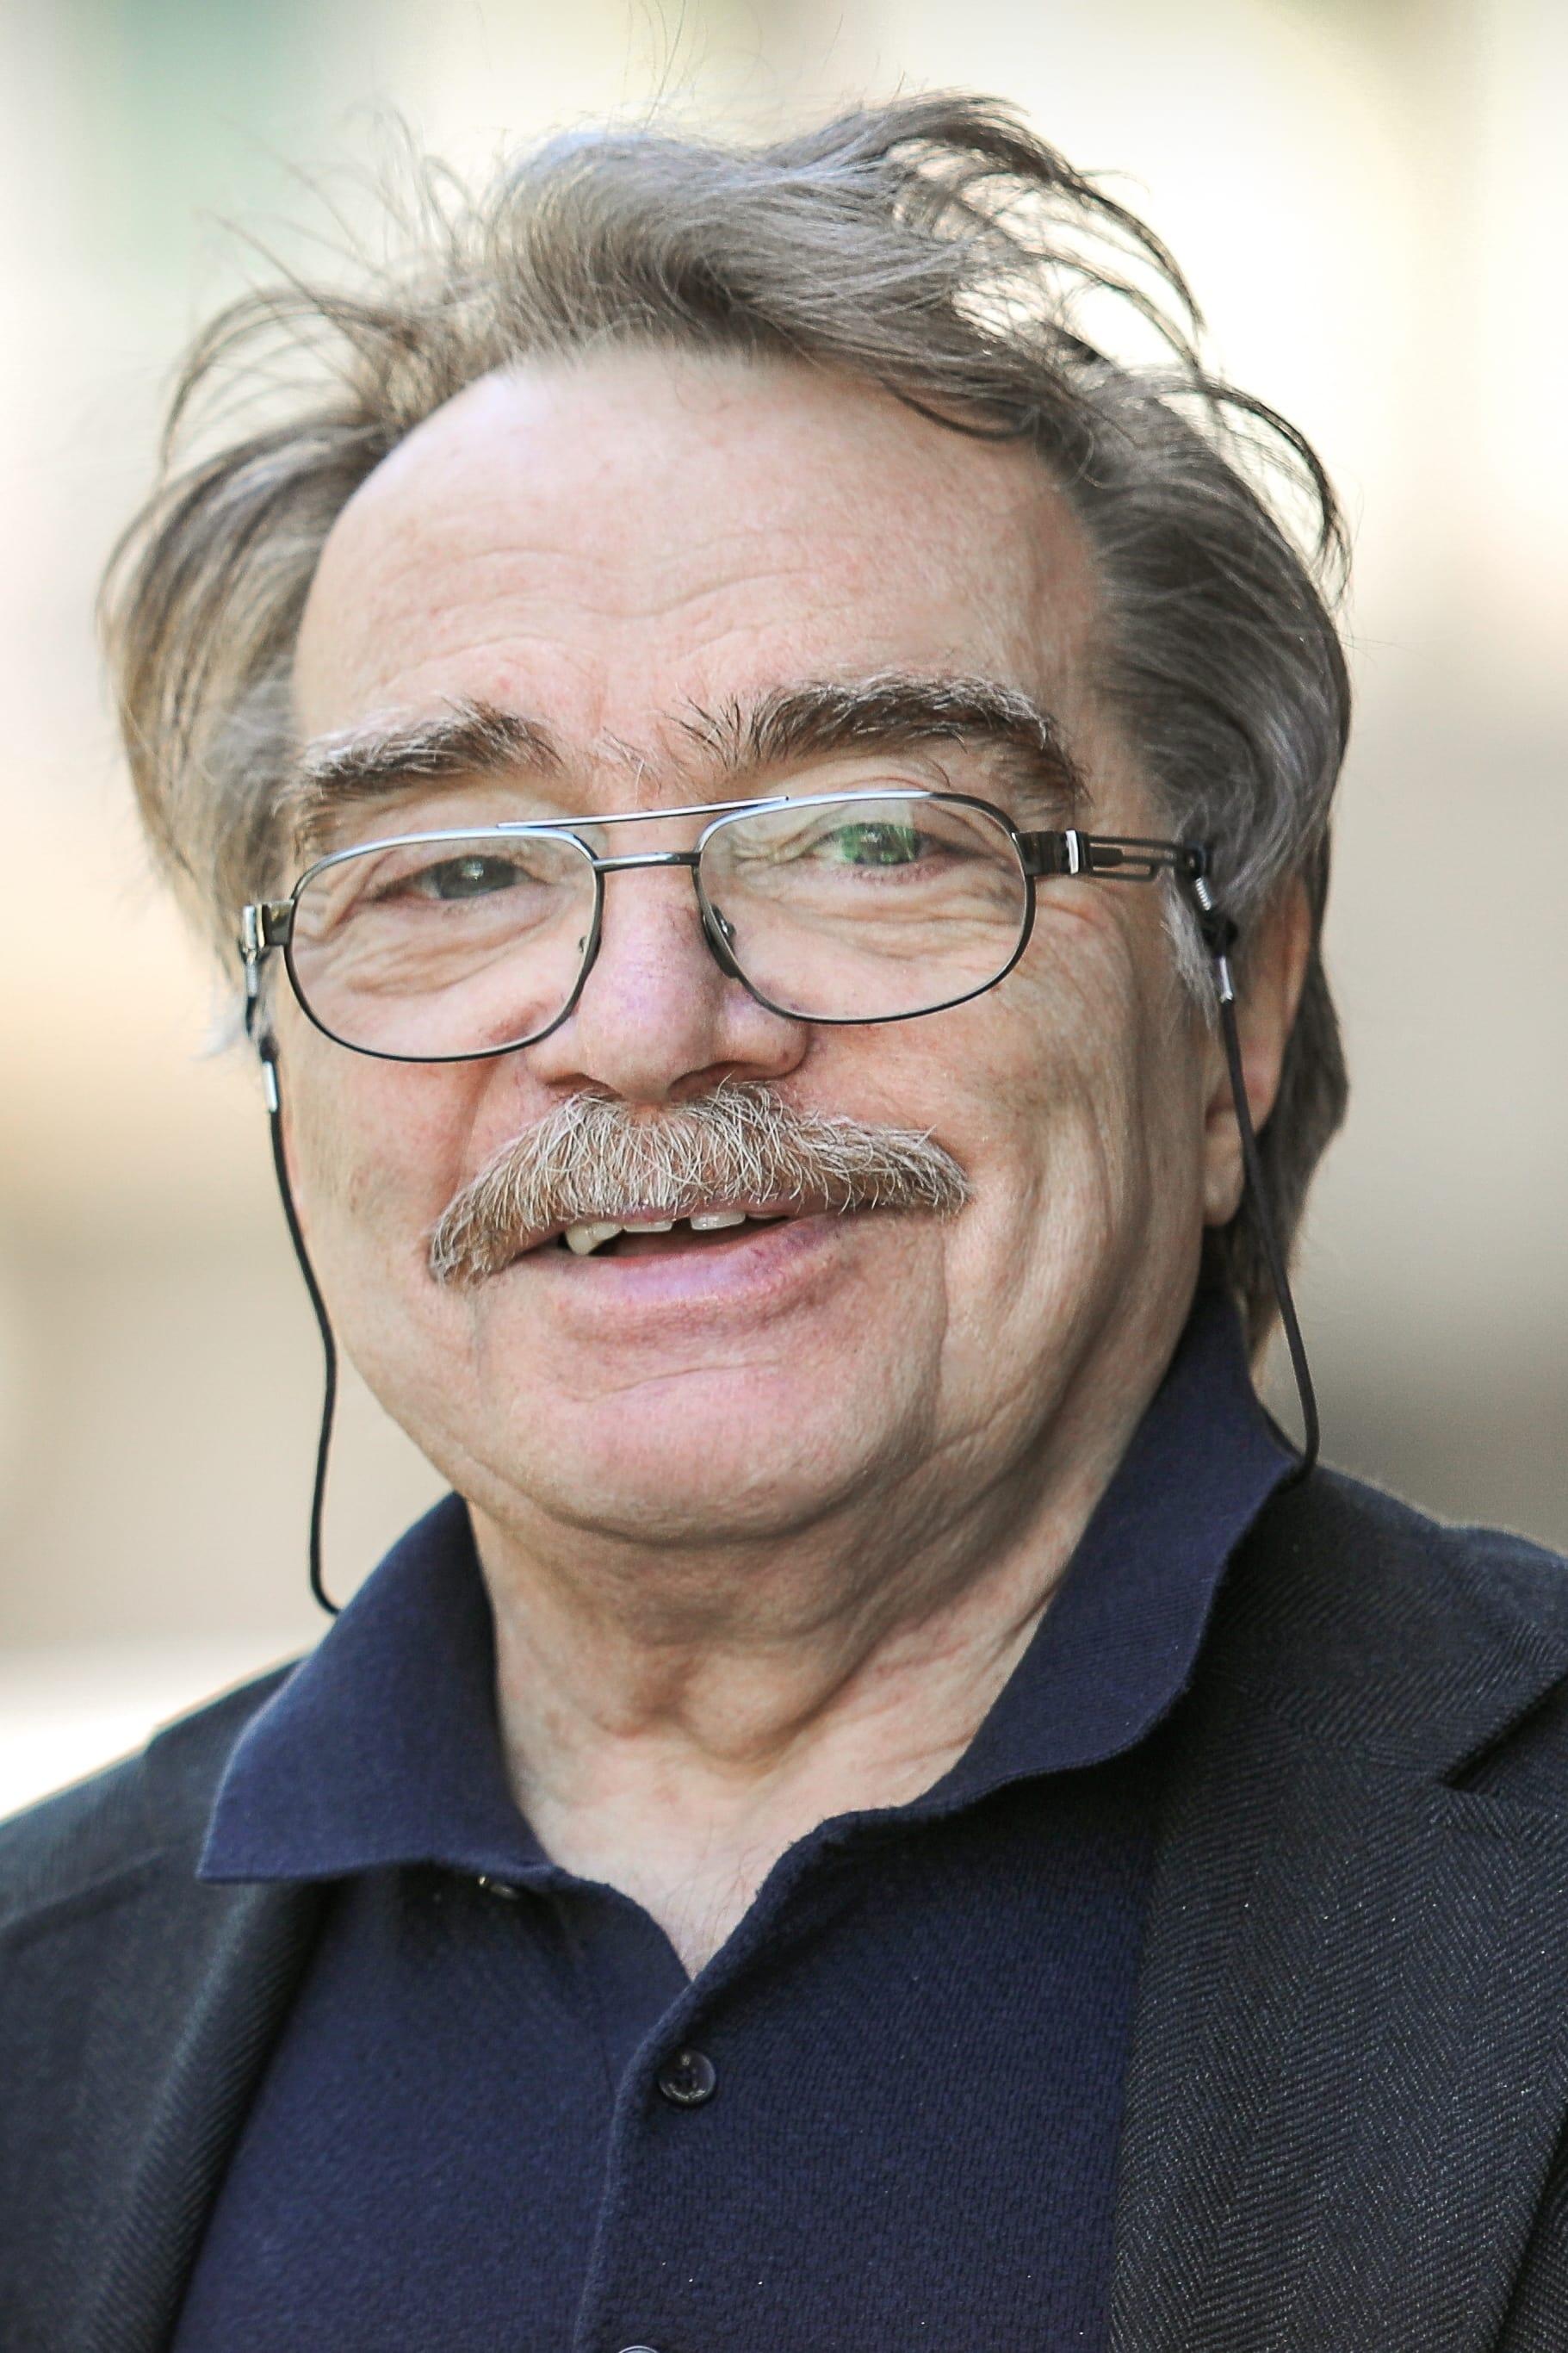 Aleksandr Adabashyan